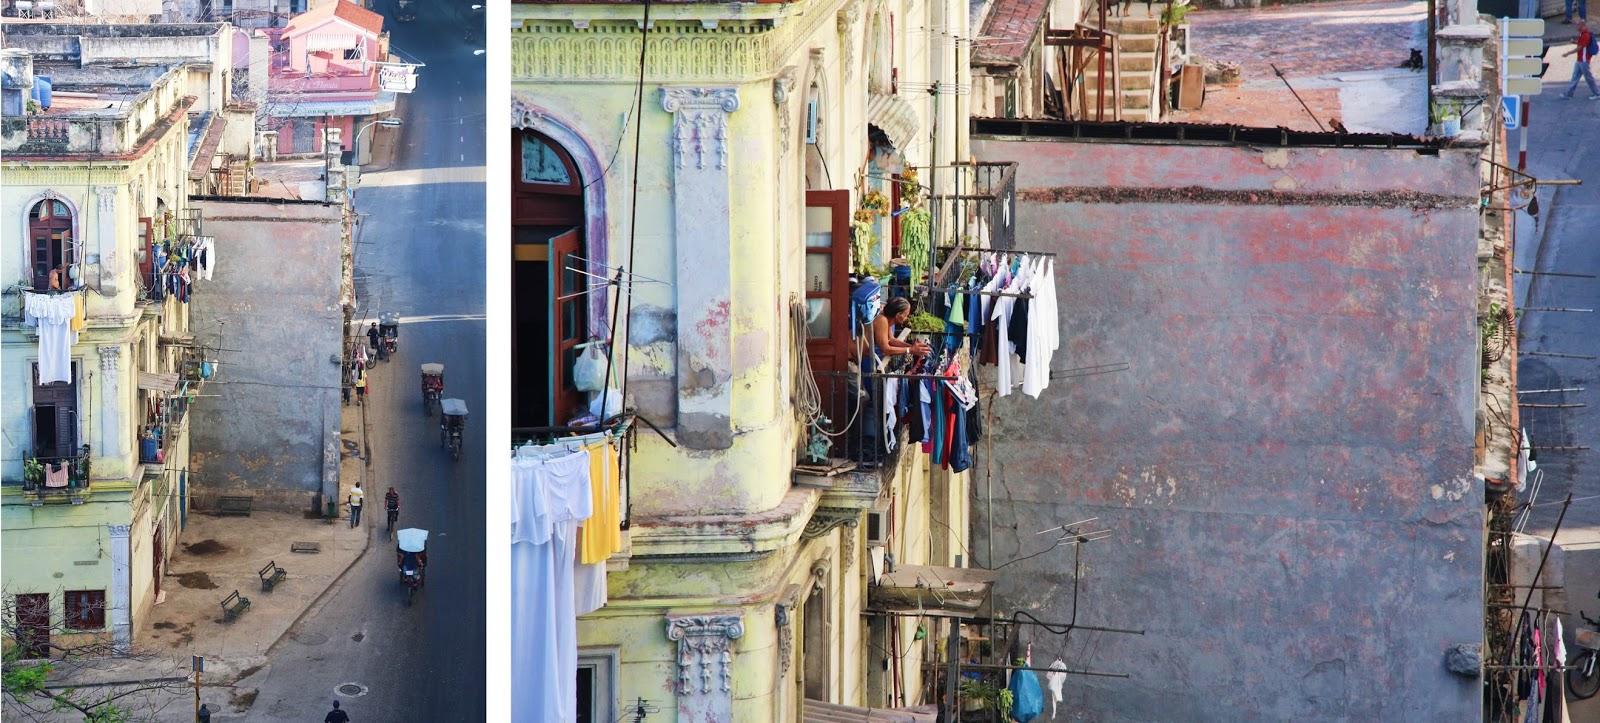 Façade d'un immeuble Cubain, et linge qui sèche aux fenêtres